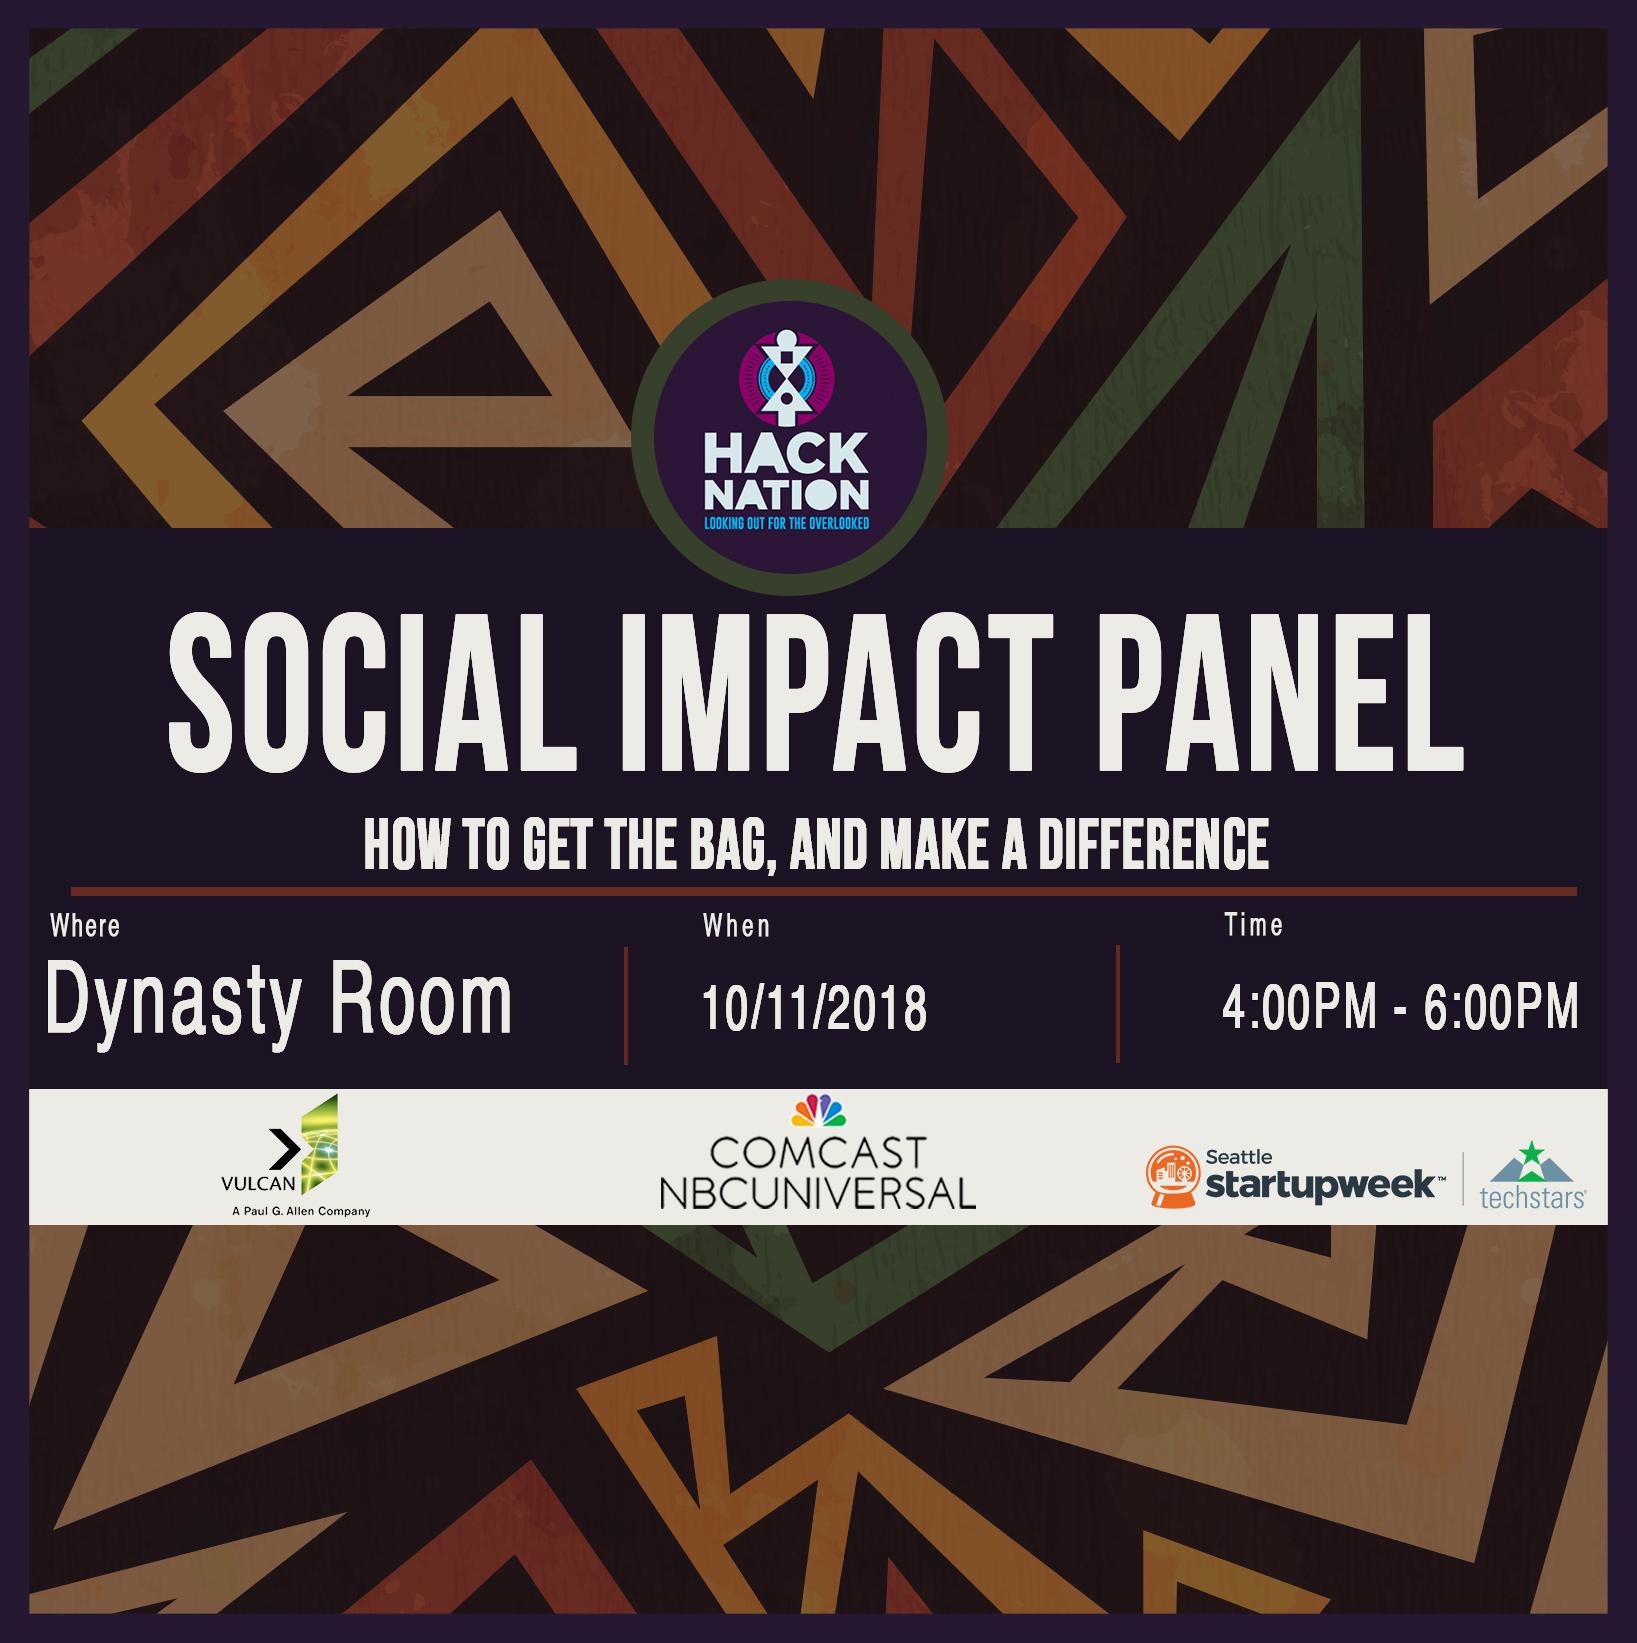 Thursday, October 11 4p - 6p Dynasty Room